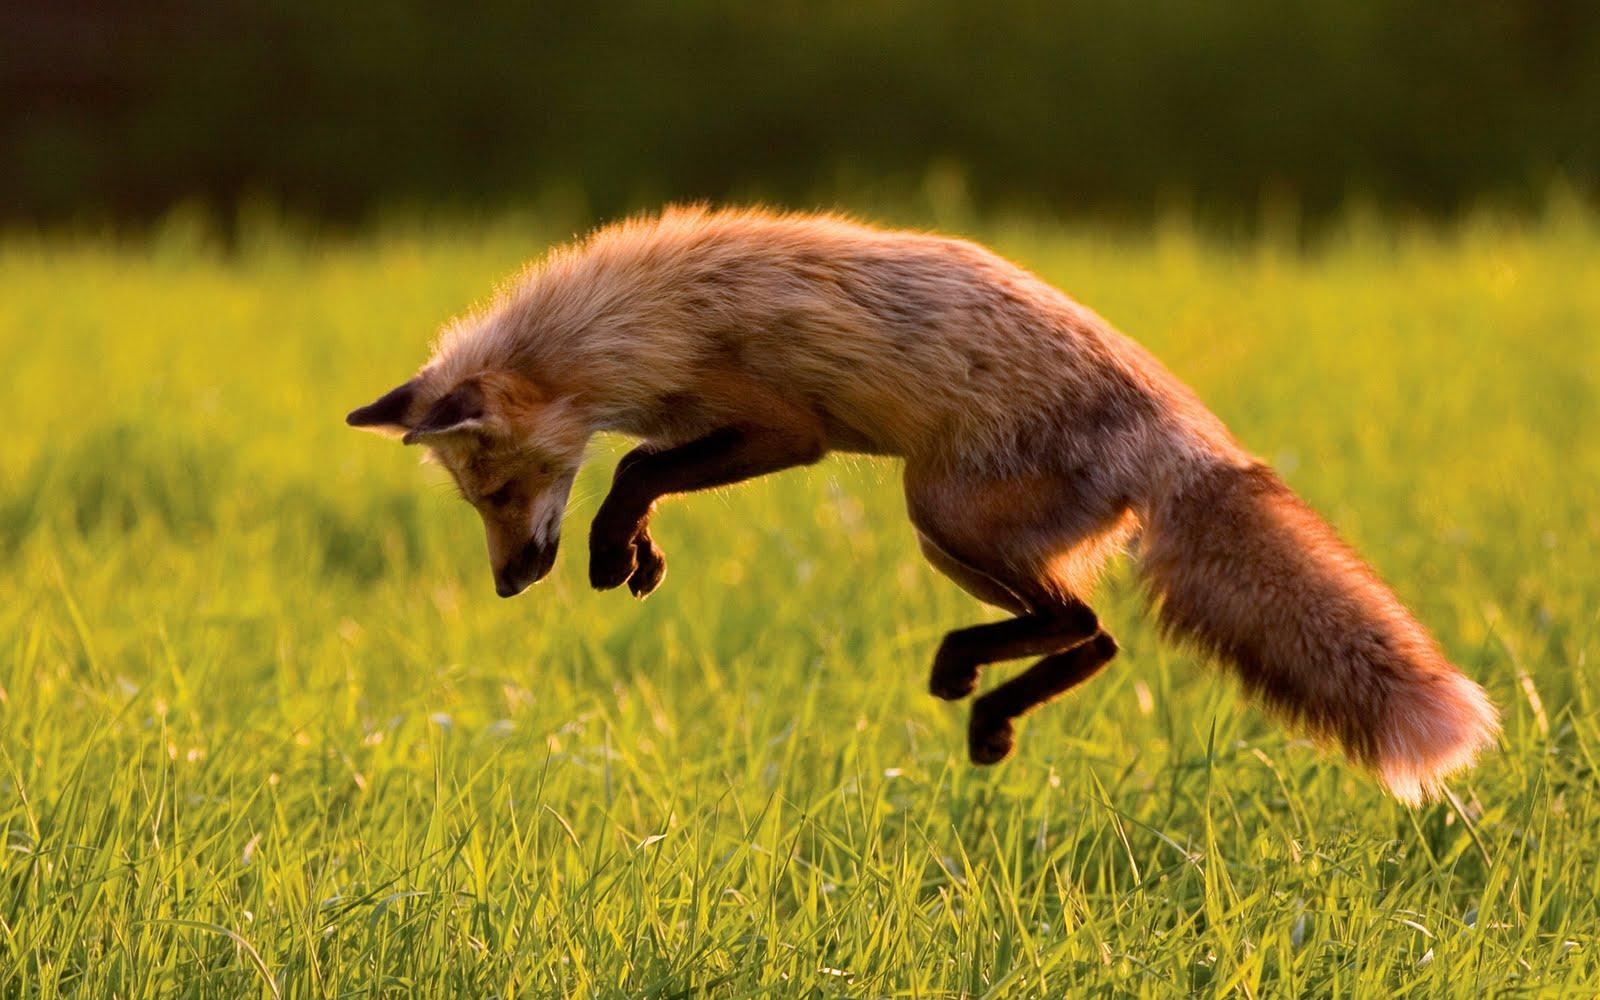 http://2.bp.blogspot.com/-WL4EQBveI10/TmIZr6PhsSI/AAAAAAAAADw/OUMt50znVL8/s1600/jumping-fox.jpg